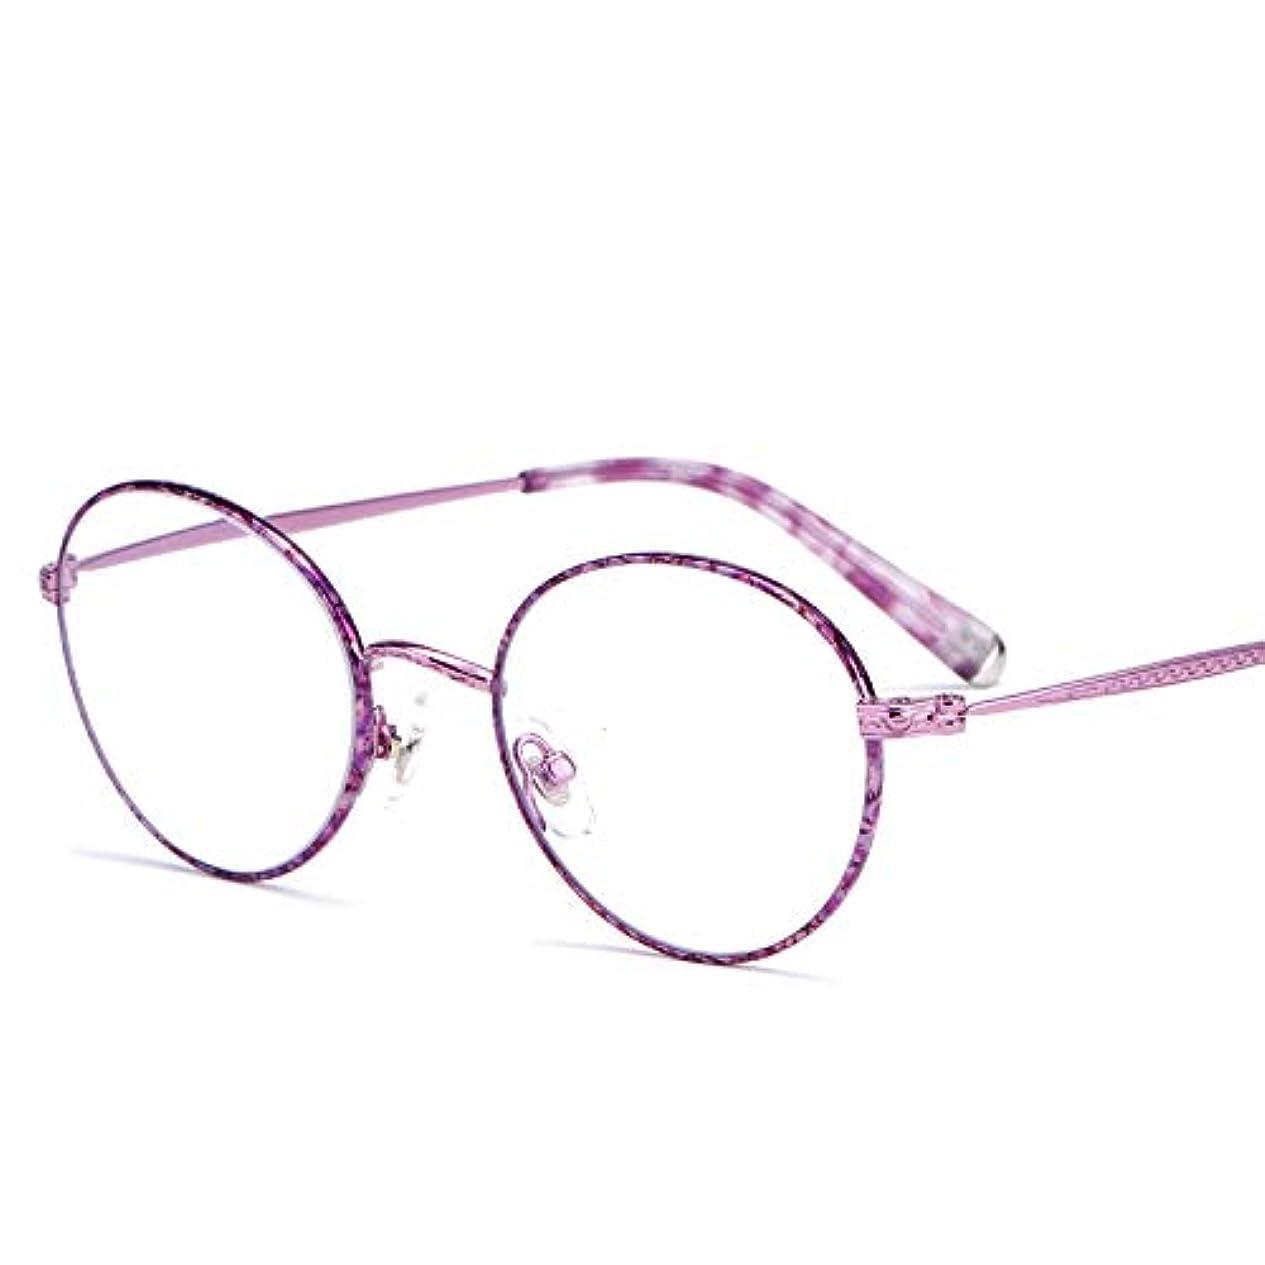 引き付けるリースに対応レトロな老眼鏡、女性の超軽量遠視眼鏡、丸い大きなフレーム老眼鏡、金属フレーム/樹脂透明レンズ/ソフトノーズパッド、スタイリッシュで快適